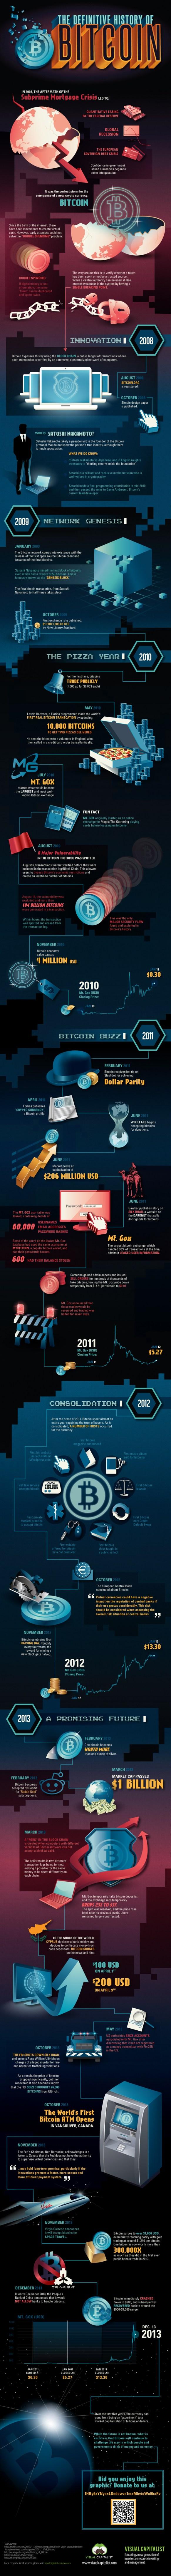 Geschiedenis van de Bitcoin [Infographic]